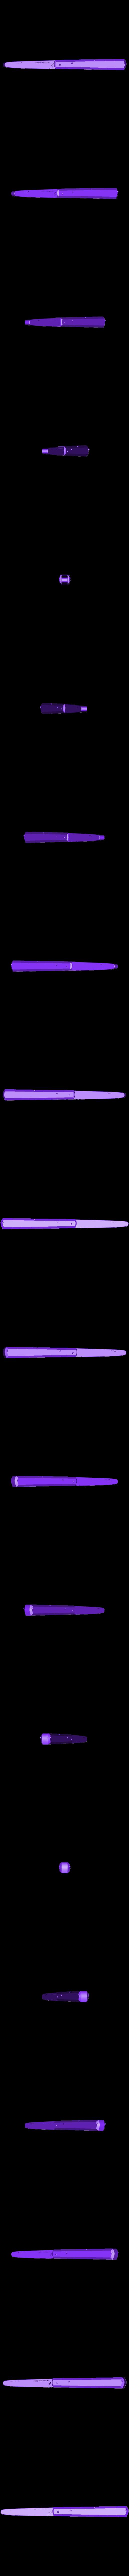 italian_siciliano_full.stl Download free STL file Italian Siciliano Training Knife • 3D printer design, fraserblazer